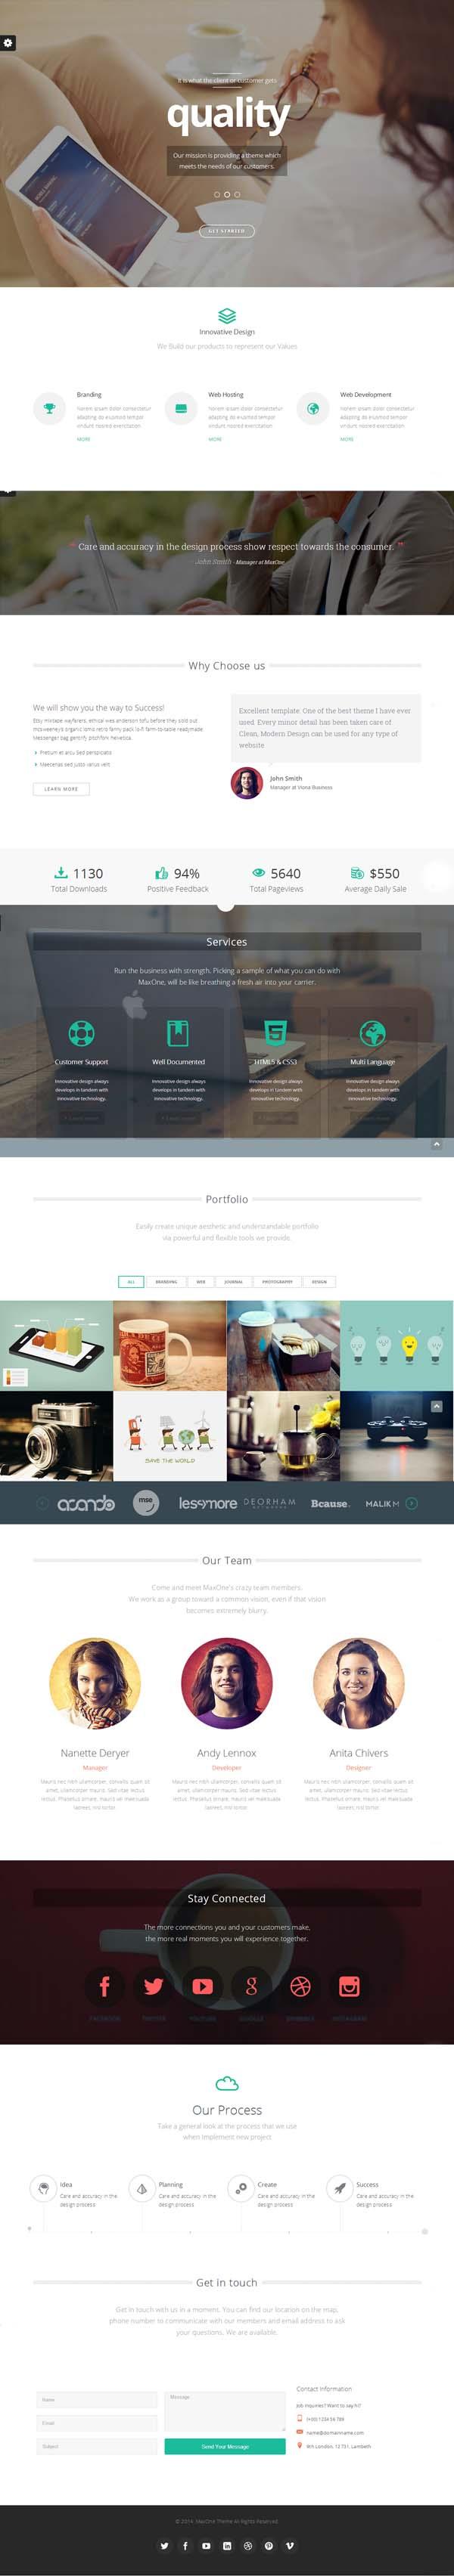 Maxone – Creative One Page Multi-Purpose Theme